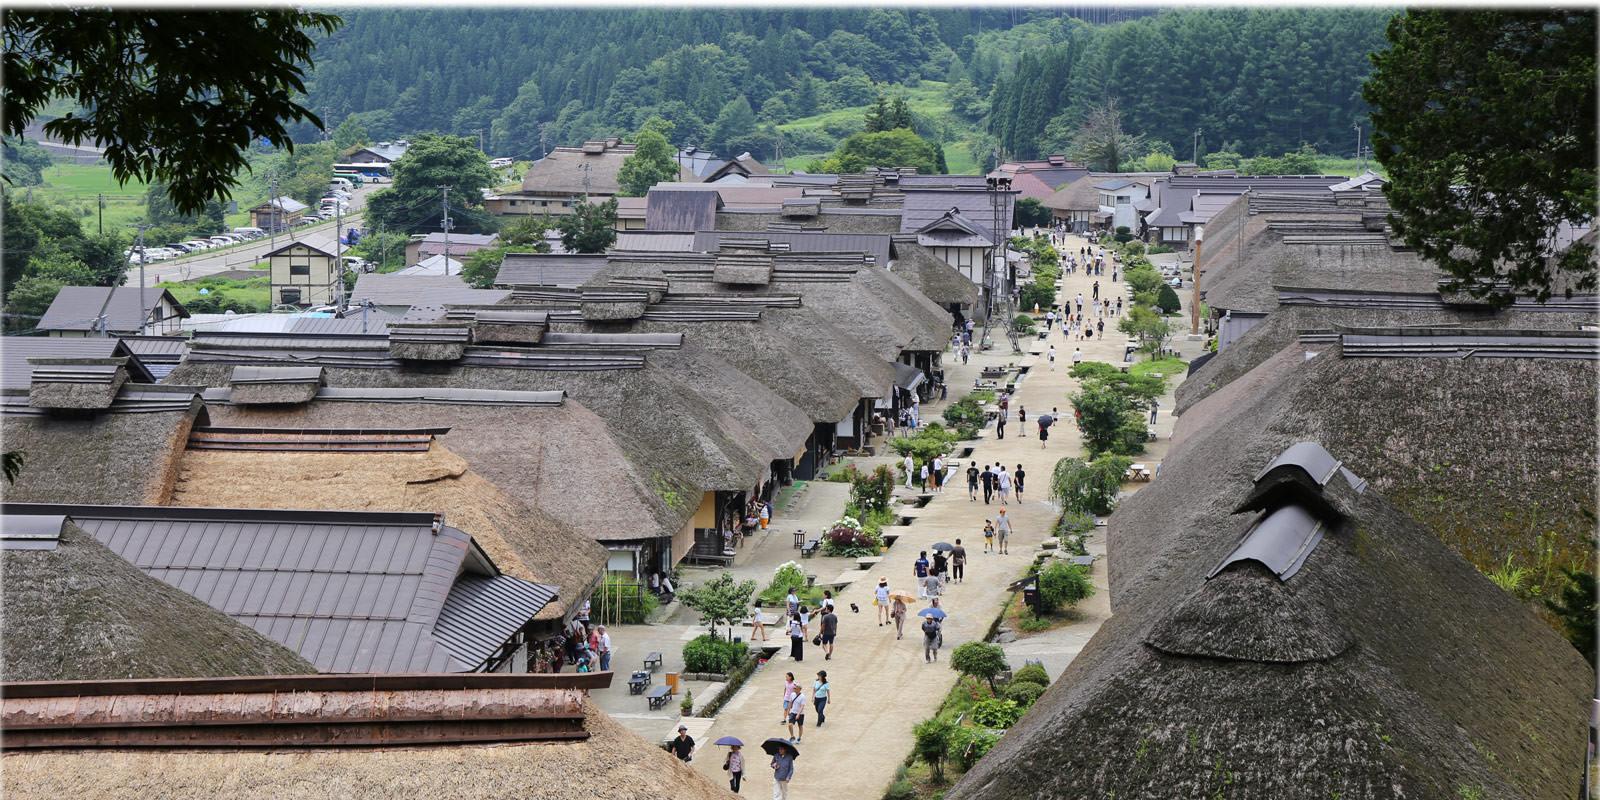 夏之福島旅:大內宿散策&吃大蔥蕎麥麵超過癮!